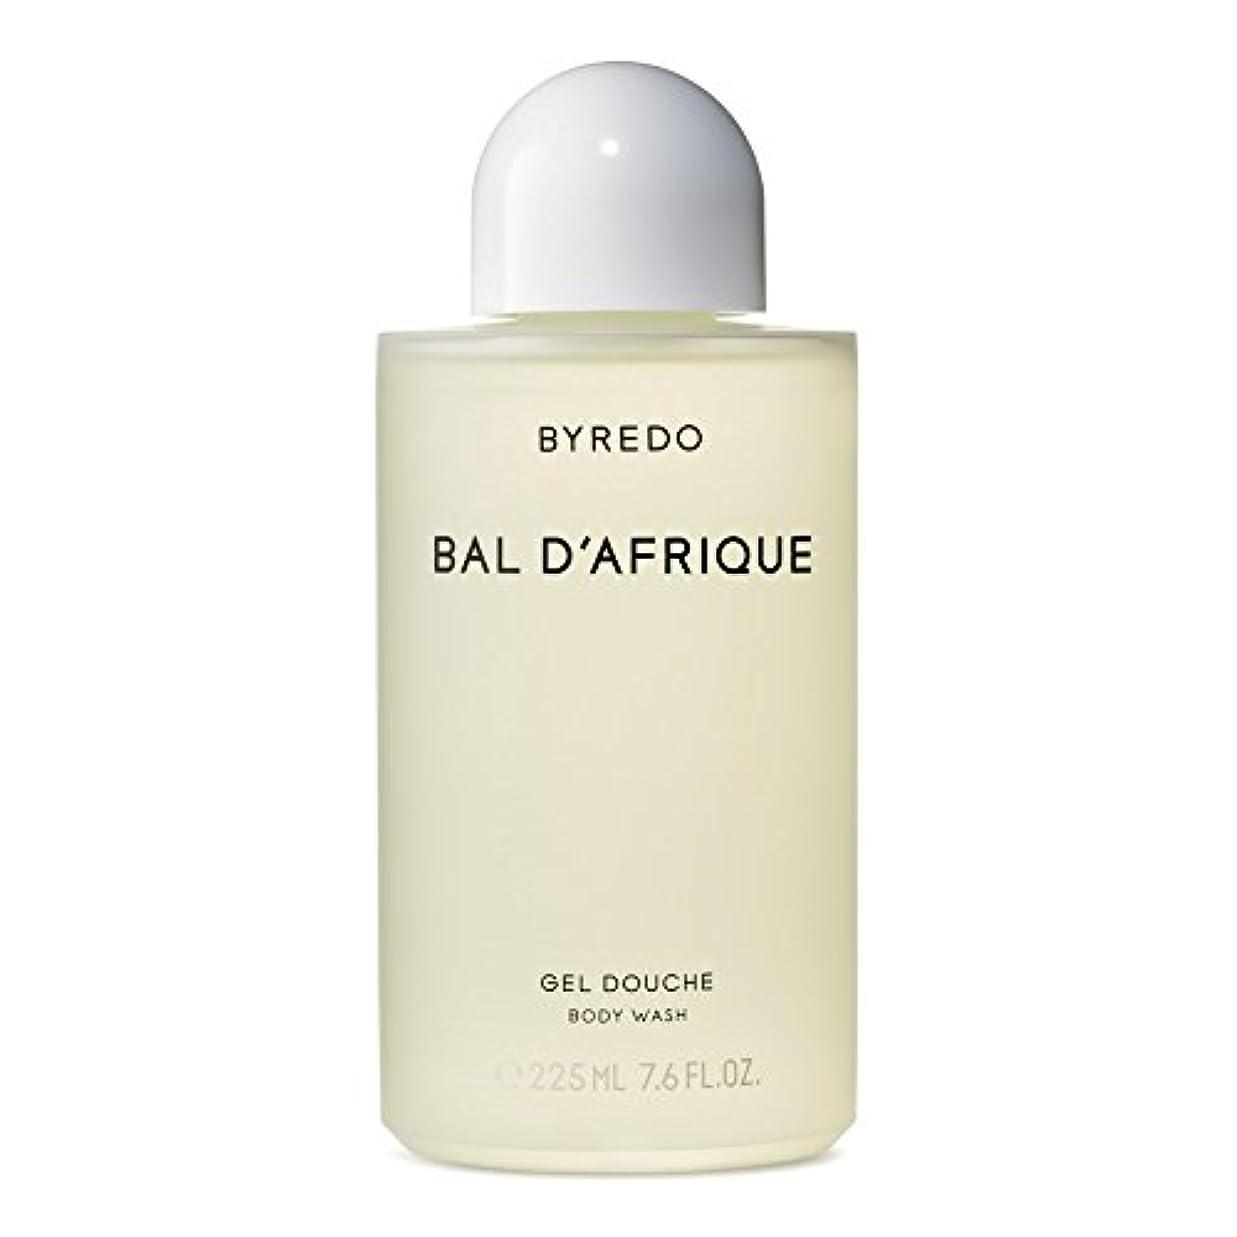 レンズこれまで行く'のボディウォッシュ225ミリリットル x2 - Byredo Bal d'Afrique Body Wash 225ml (Pack of 2) [並行輸入品]